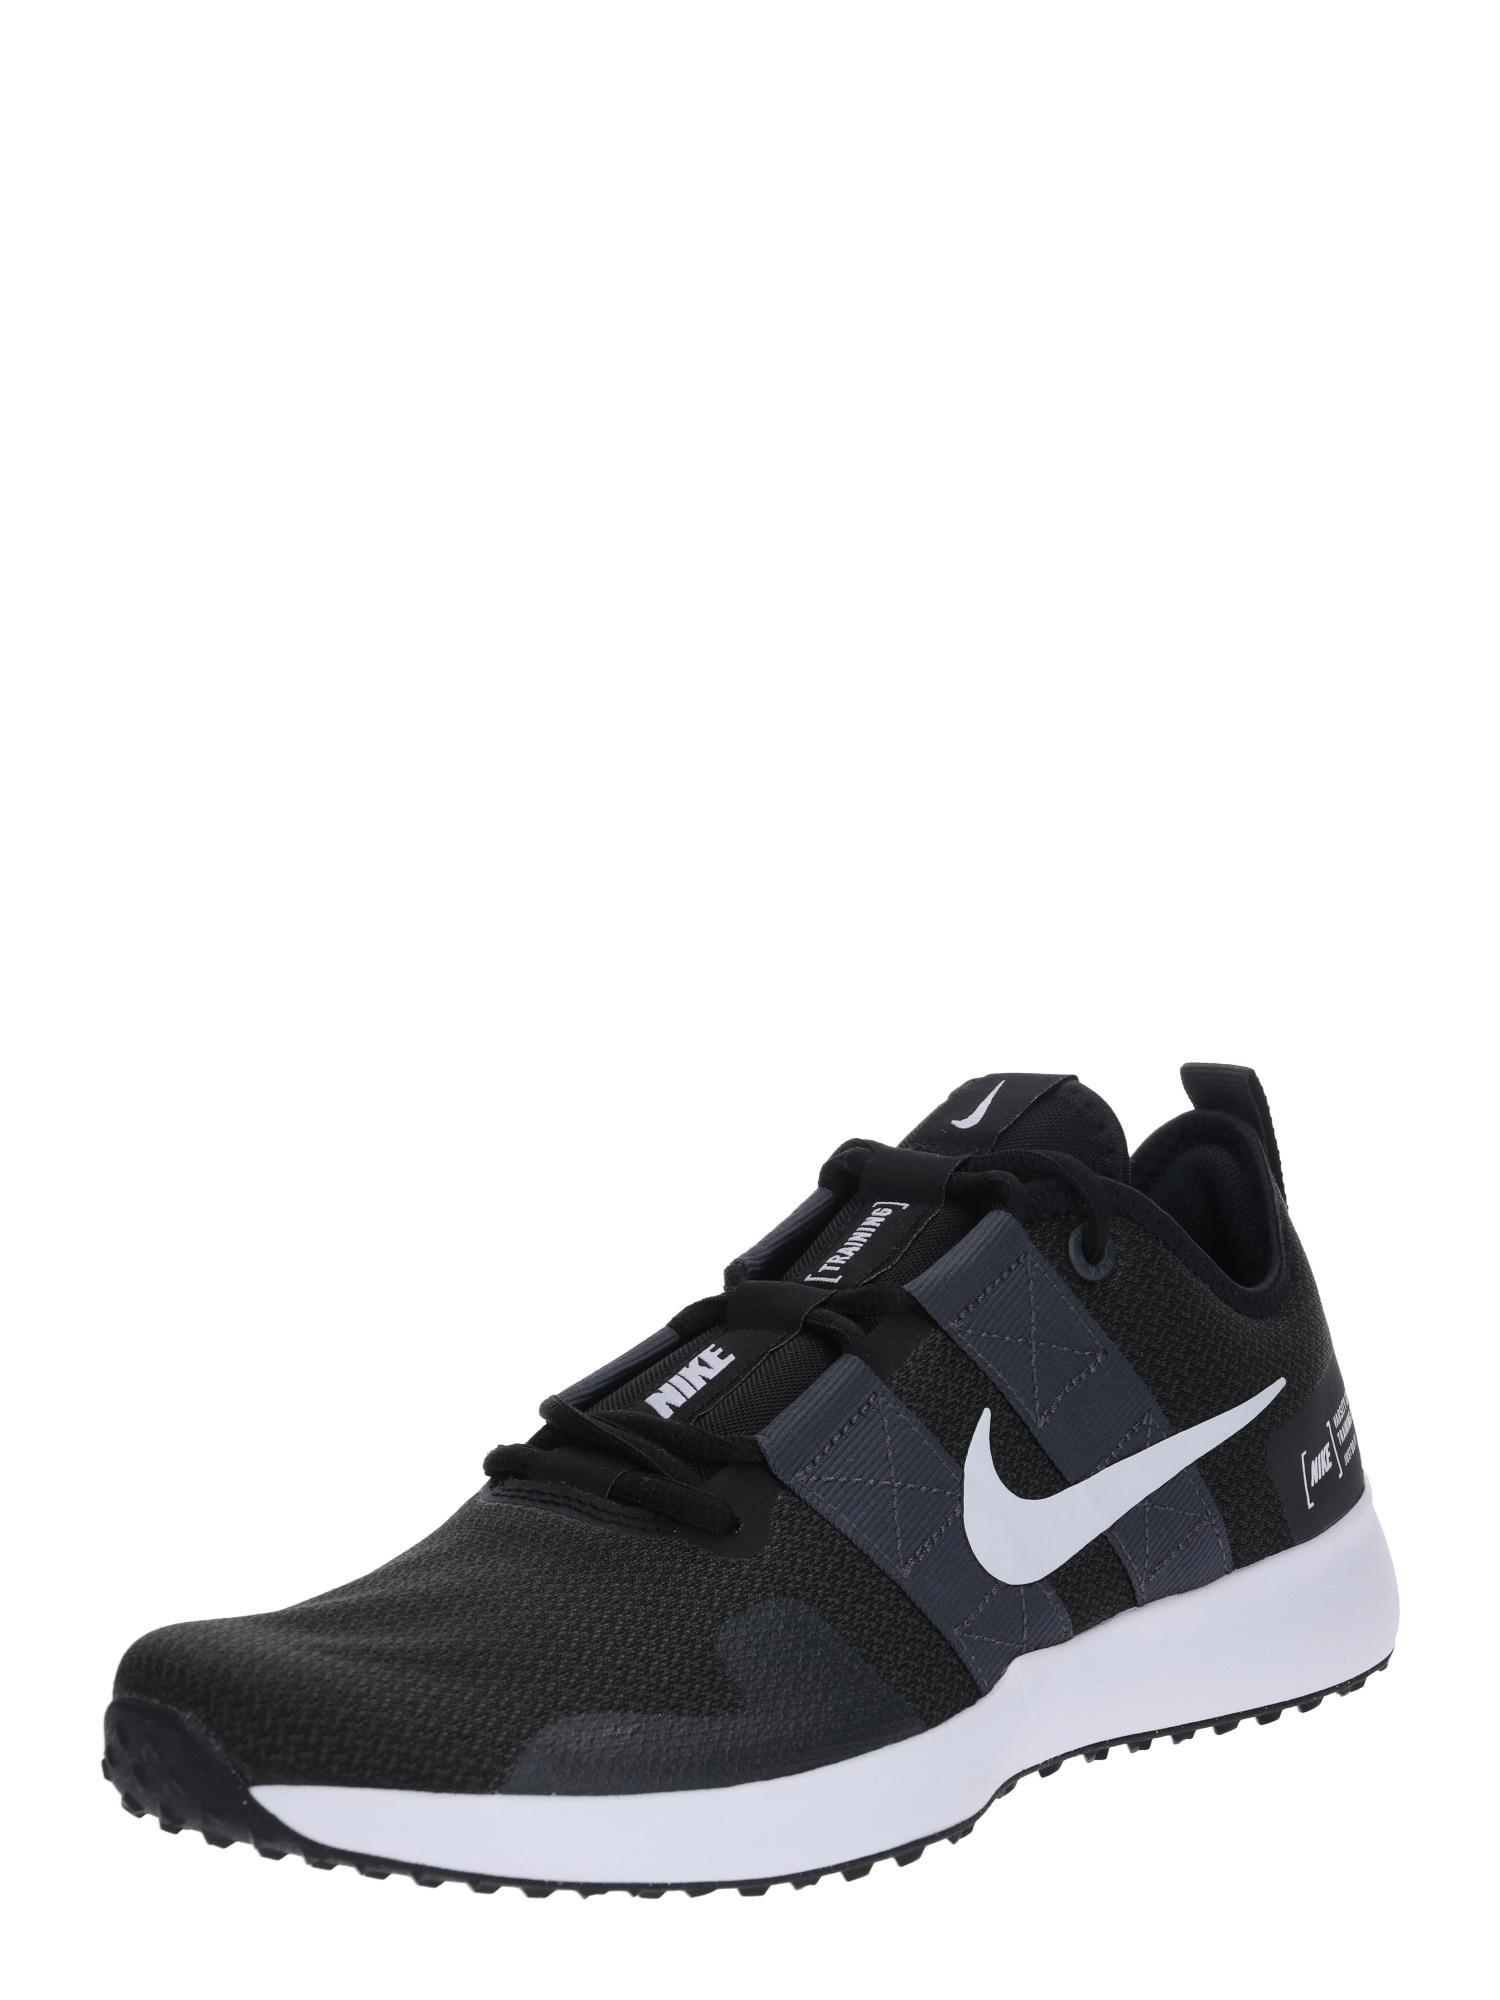 Sportovní boty Varsity Compete TR 2 černá bílá NIKE